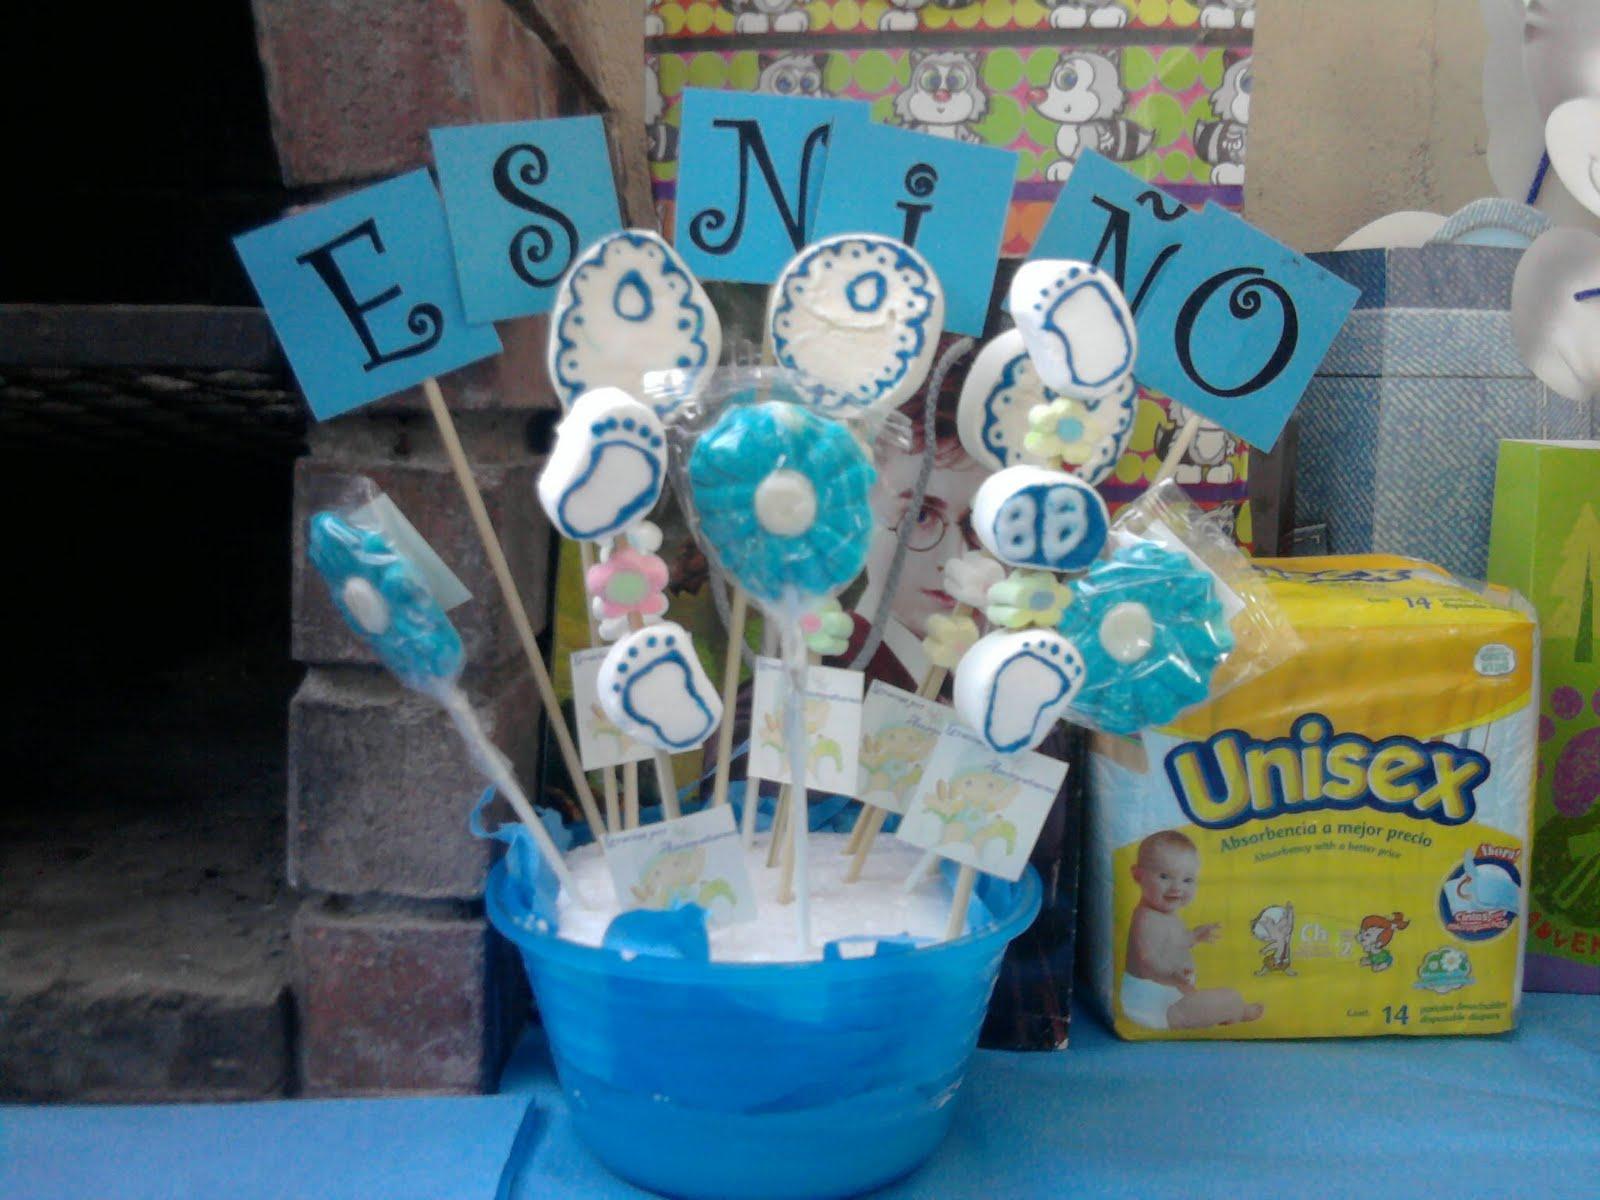 Mesa Principal De Baby Shower Nino.Decoracion De Mesa Principal Para Baby Shower